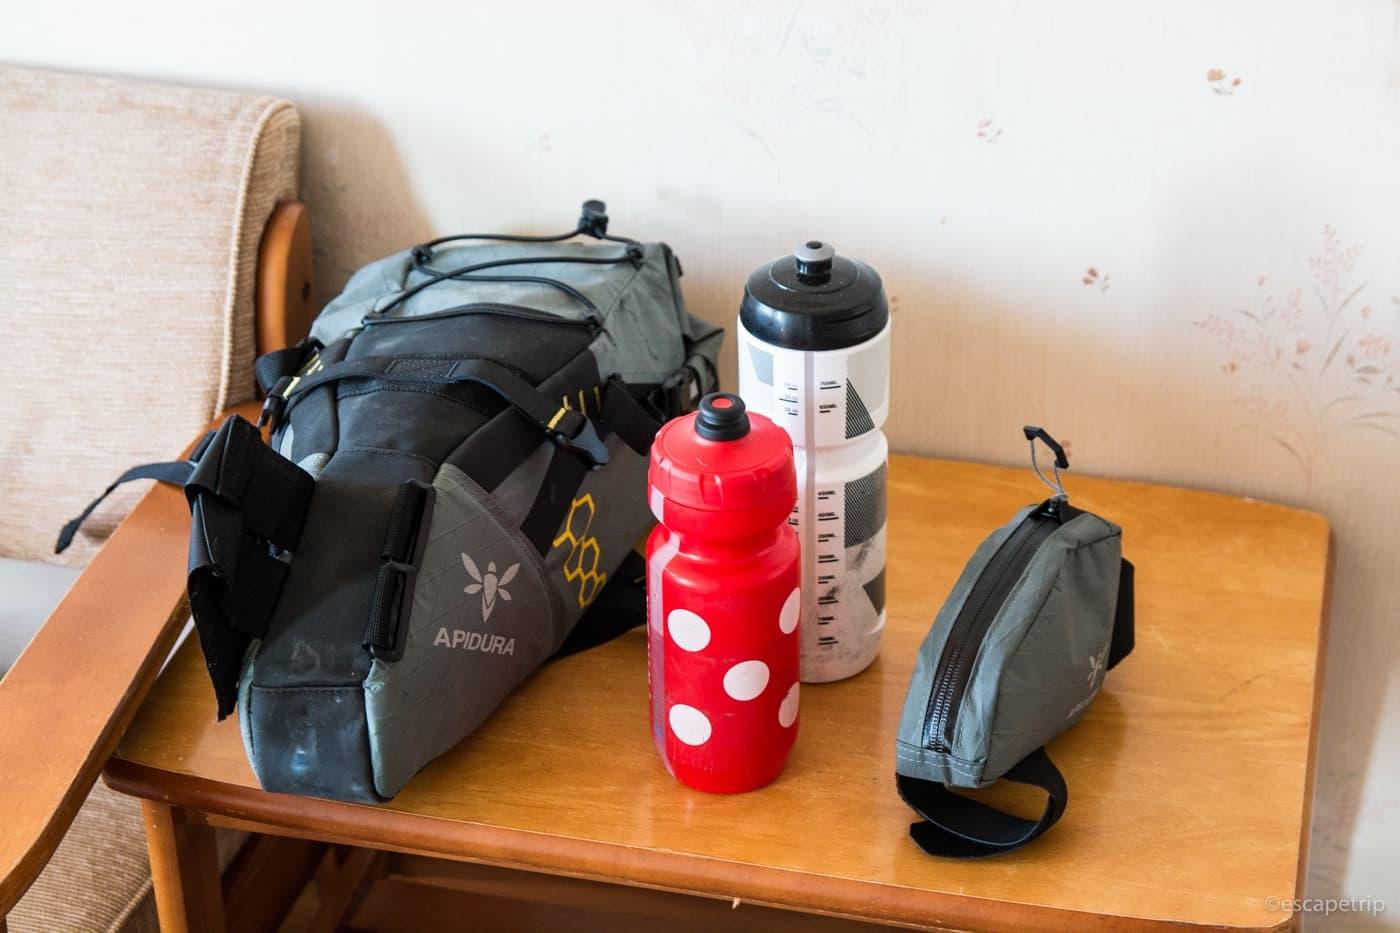 ロードバイク用のバッグとボトル